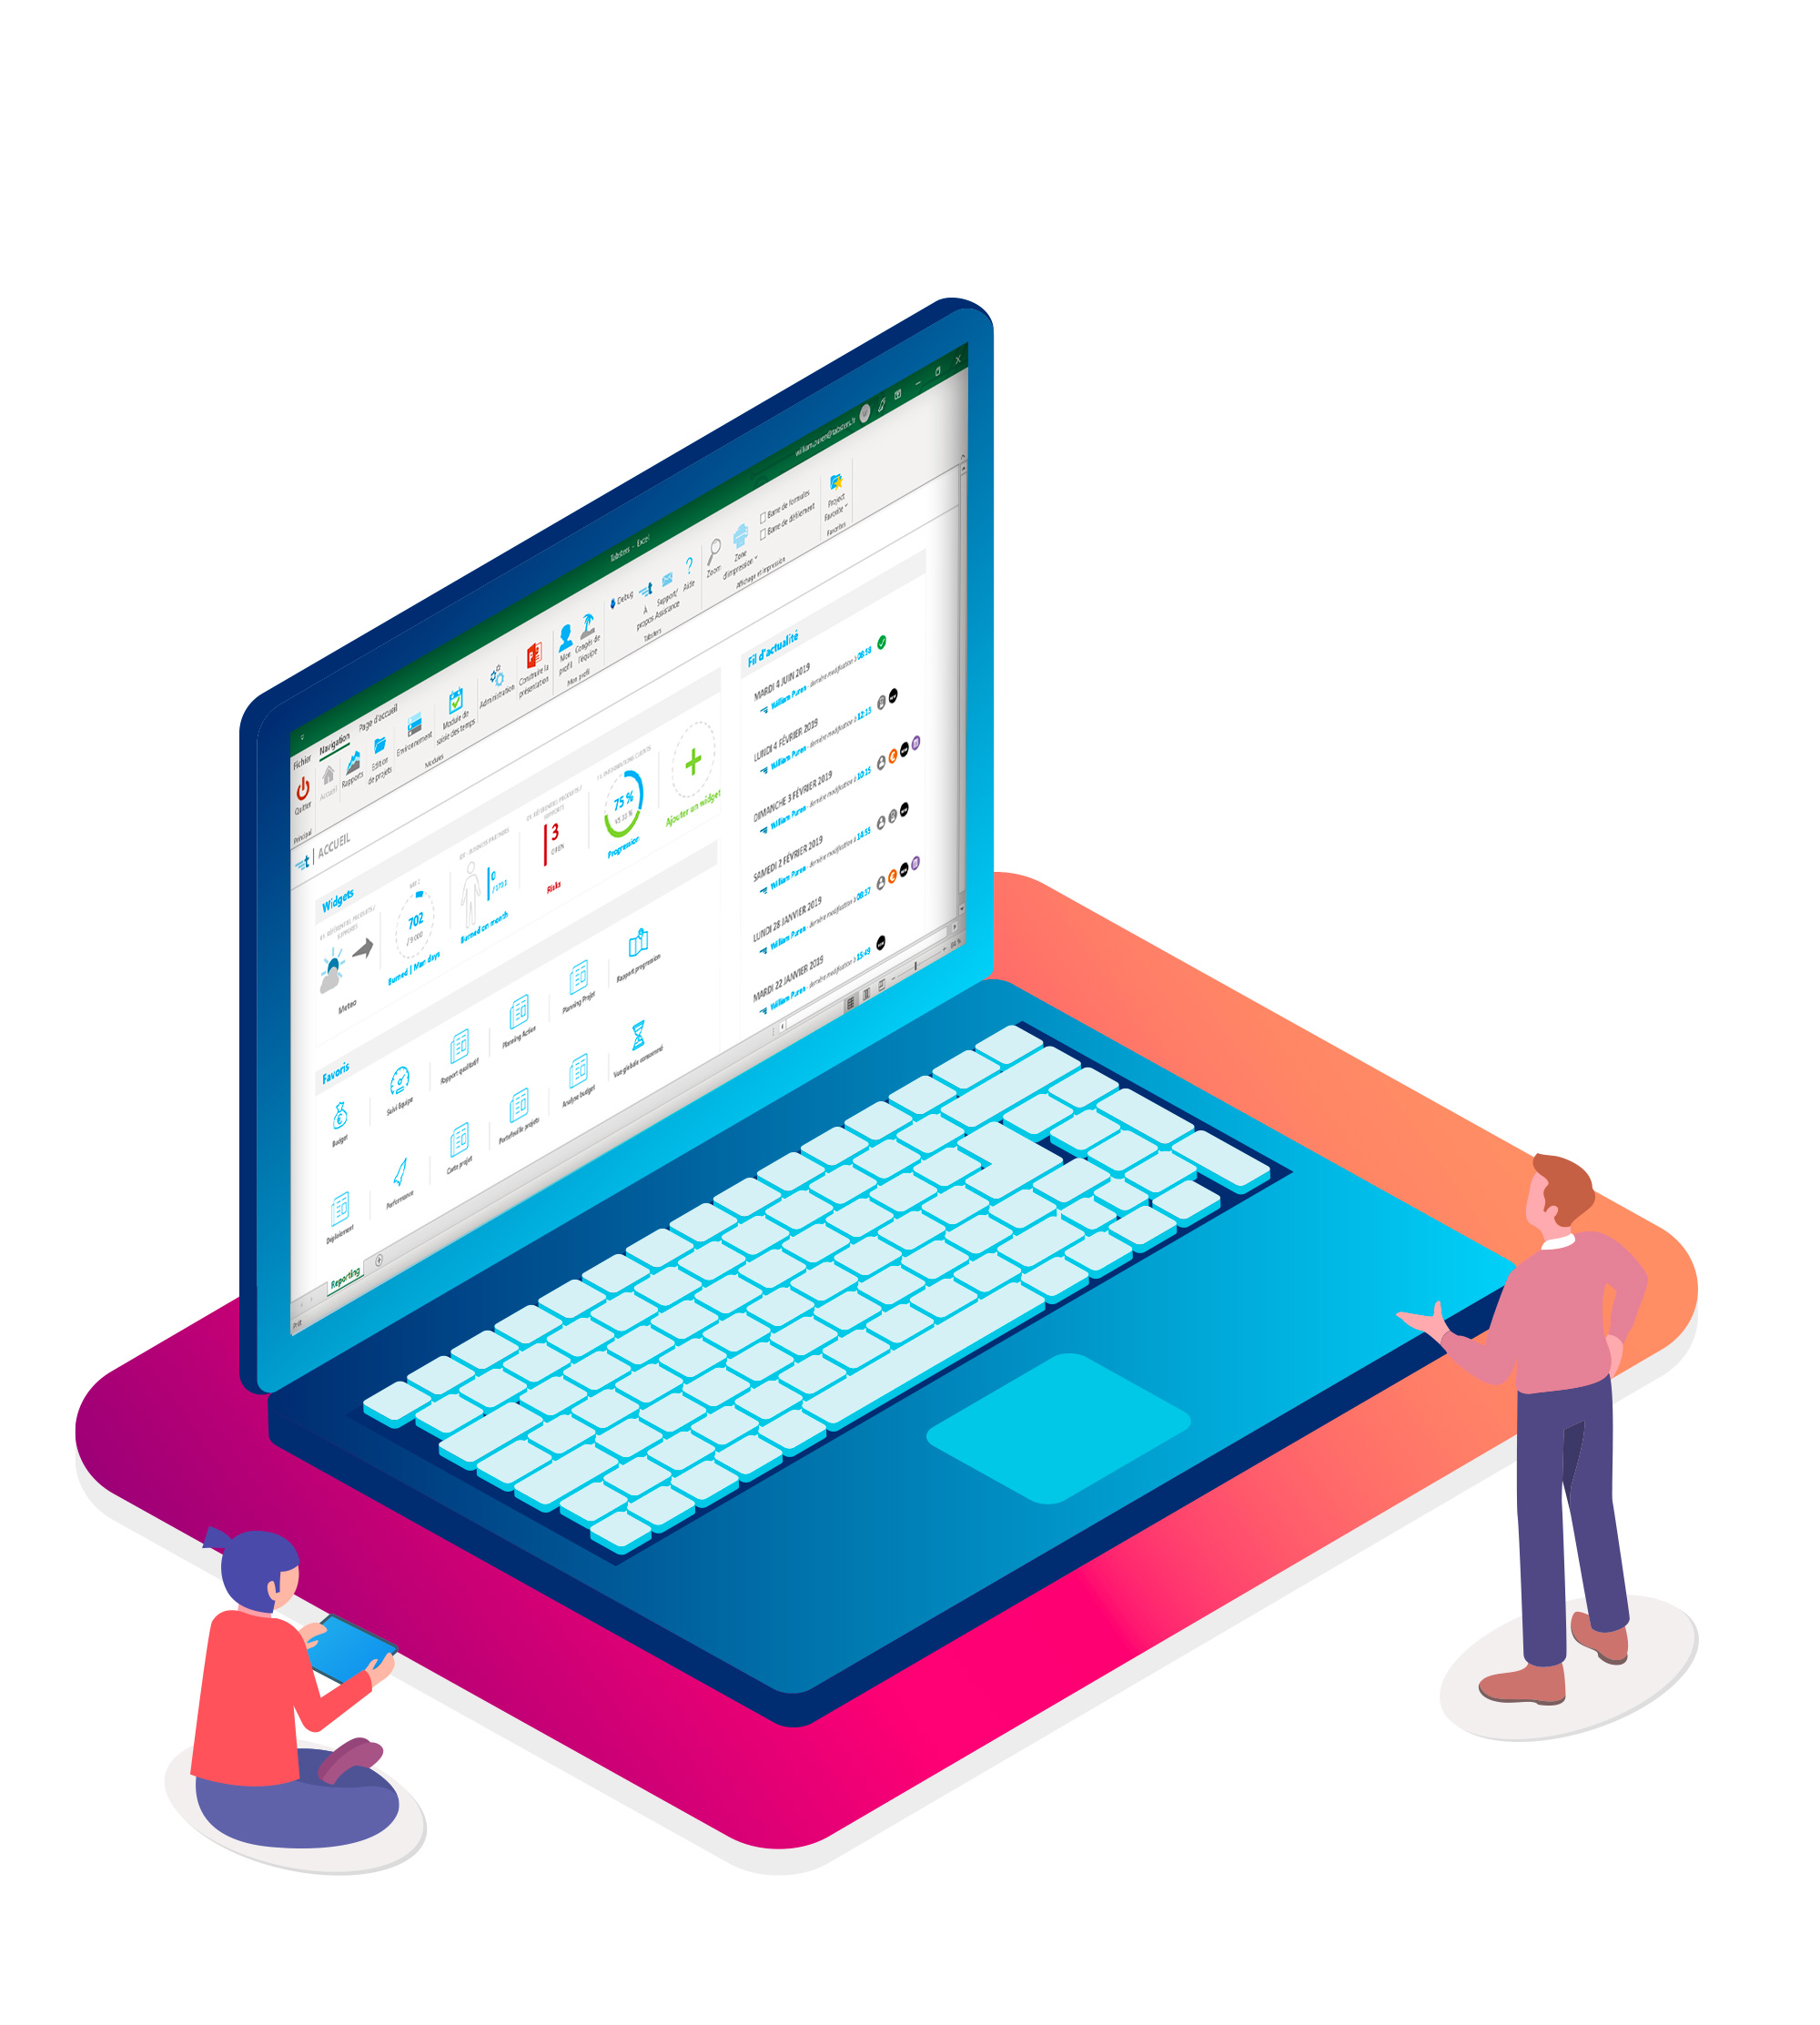 Une information partagée en temps réel - Un fil d'actualité vous informe des principaux changements réalisés sur vos projets par l'ensemble des acteurs. Vous suivez en toute simplicité les tâches complétées, la saisie du consommé, les décalages de planning, l'assignation de tâches.Tabsters vous permet de créer, de suivre et de partager vos données projets avec l'ensemble de vos collaborateurs.